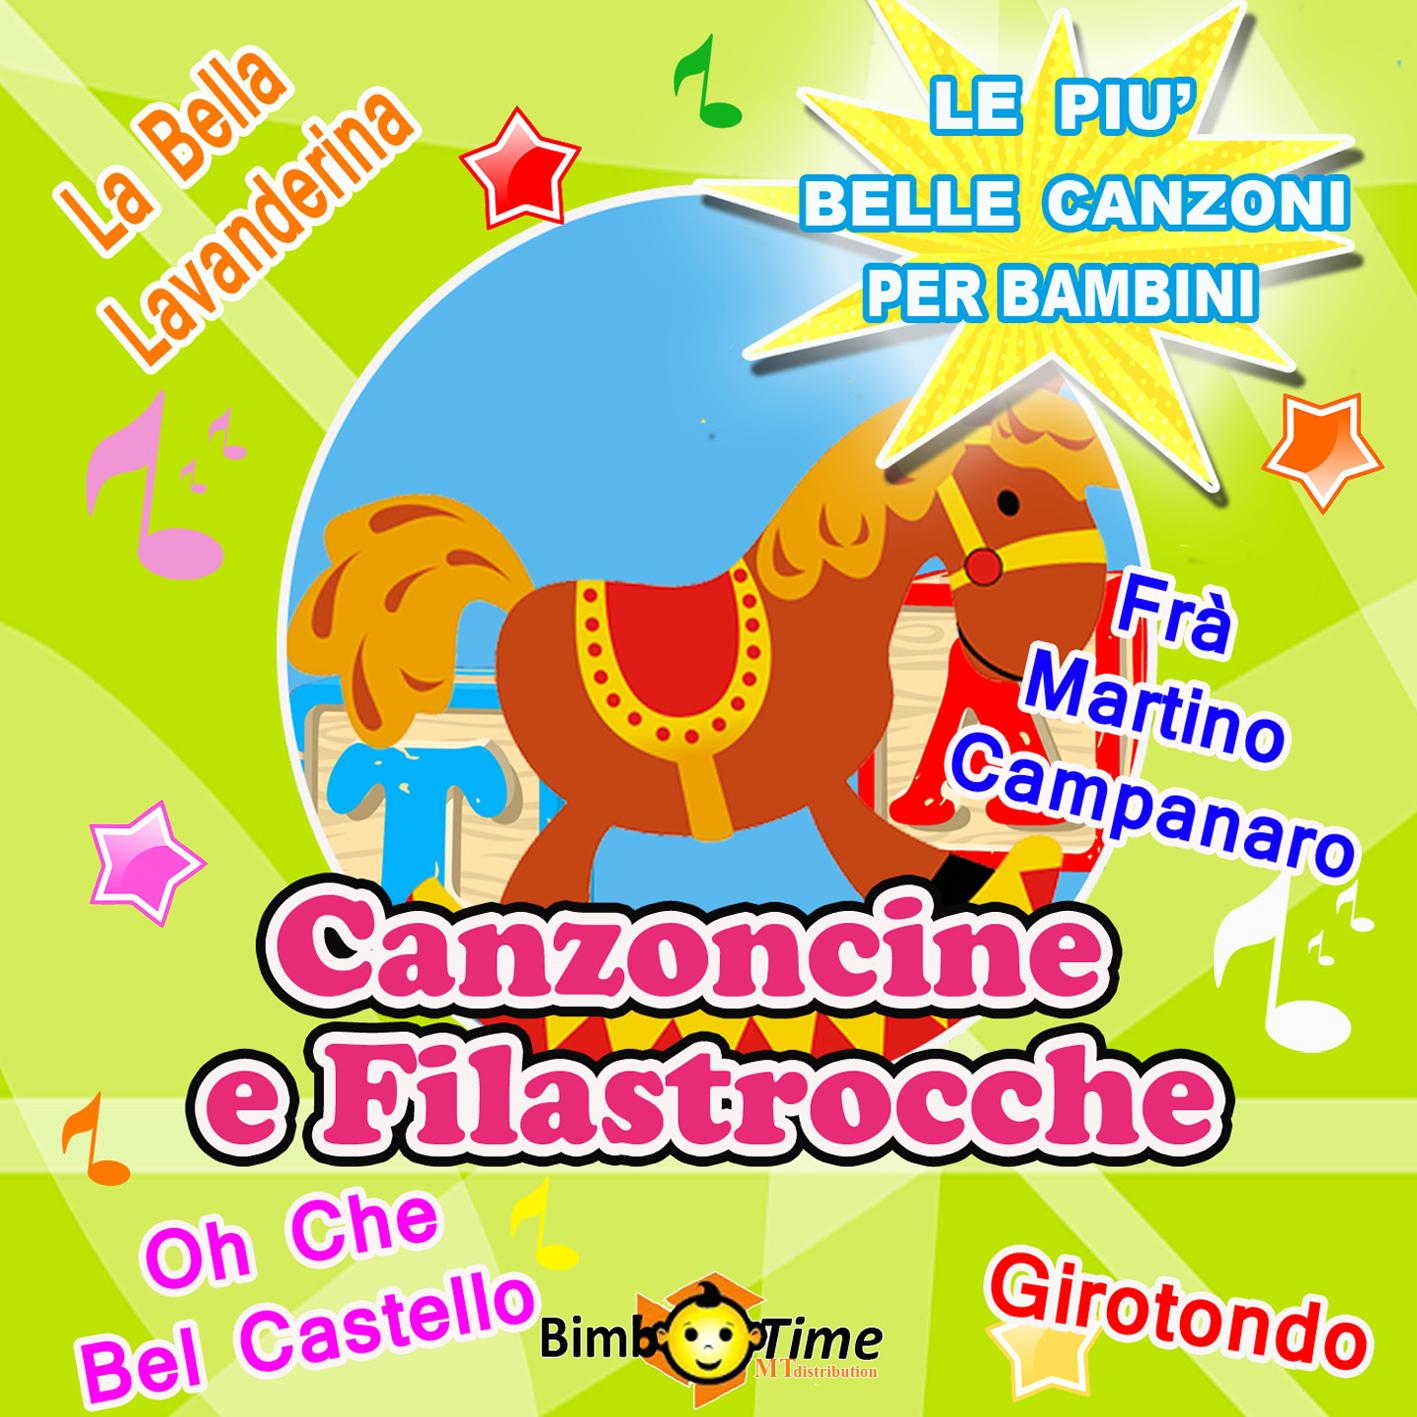 5 - Canzoncine e filastrocche - Girotondo, Viva La Pappa Con il Pomodoro, Ci Vuole Un Fiore, And Other 12 Hits